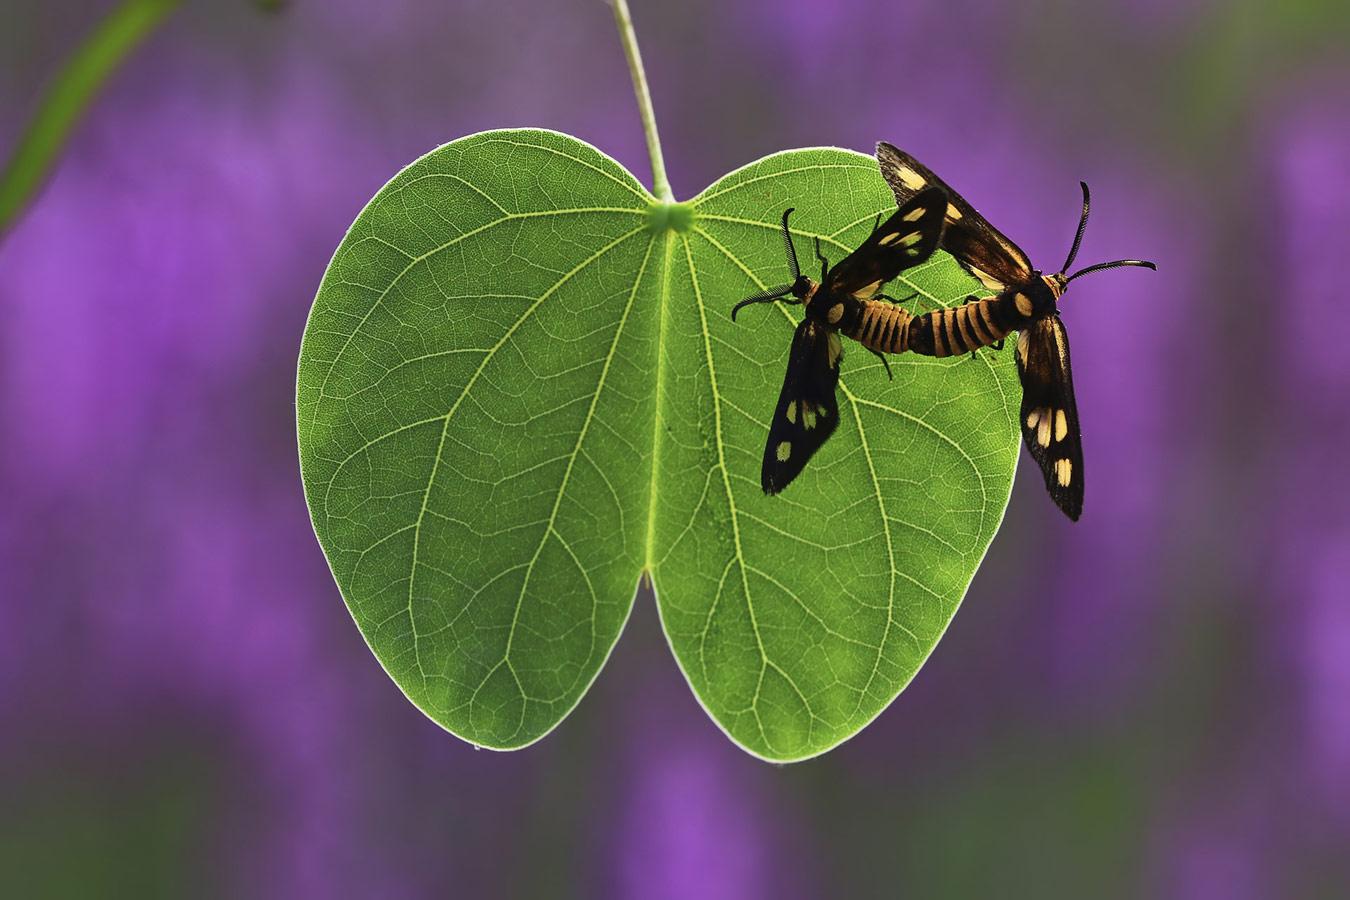 Мингуй Уань / Minghui Yuan, Ухань, Китай, Почётная оценка в категории «Маленький мир», Фотоконкурс «Лучшая природная фотография Азии» — Nature's Best Photography Asia